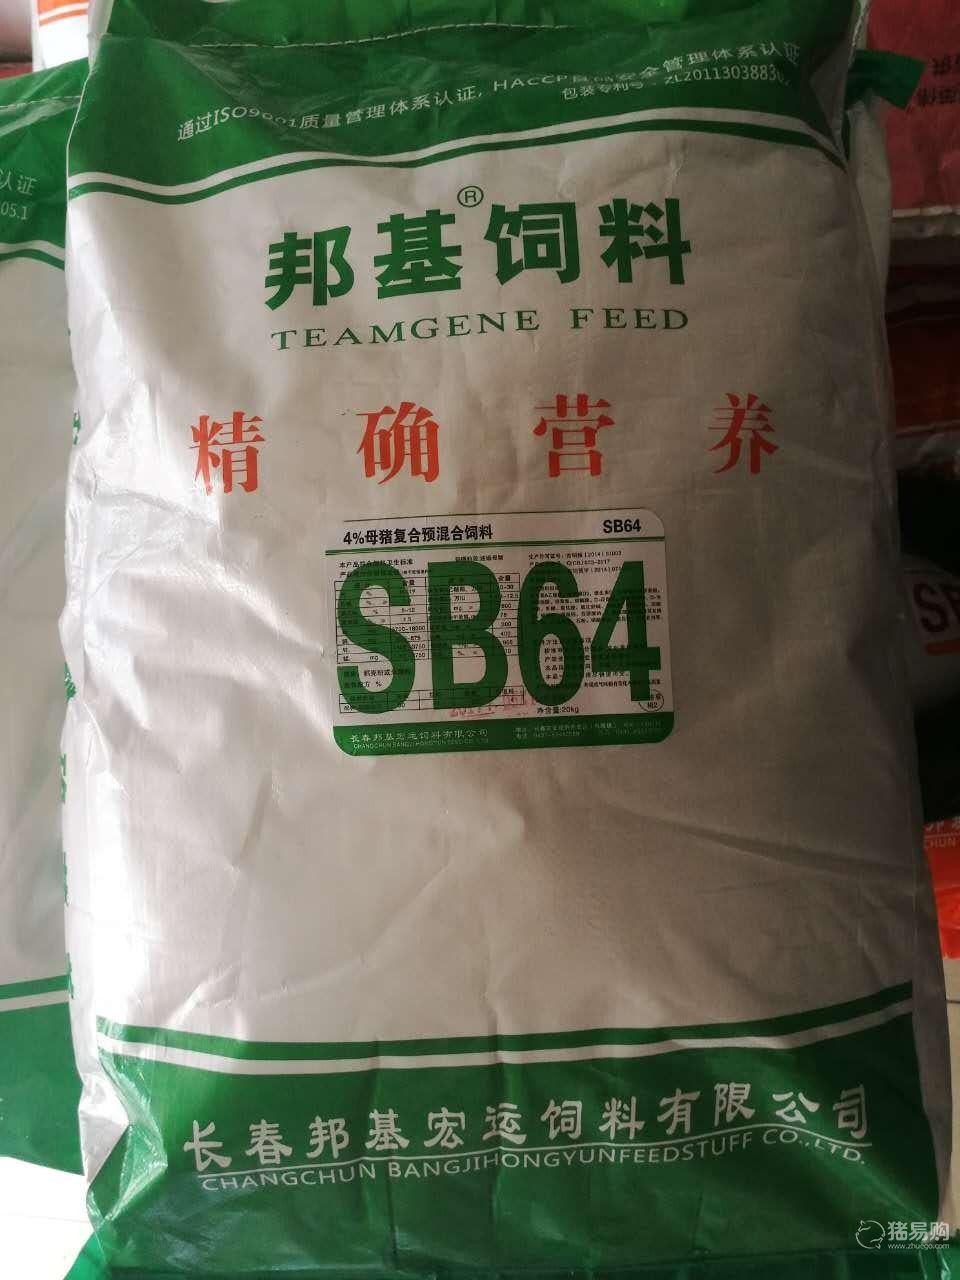 【邦基】   SB64怀孕母猪预混料    20kg